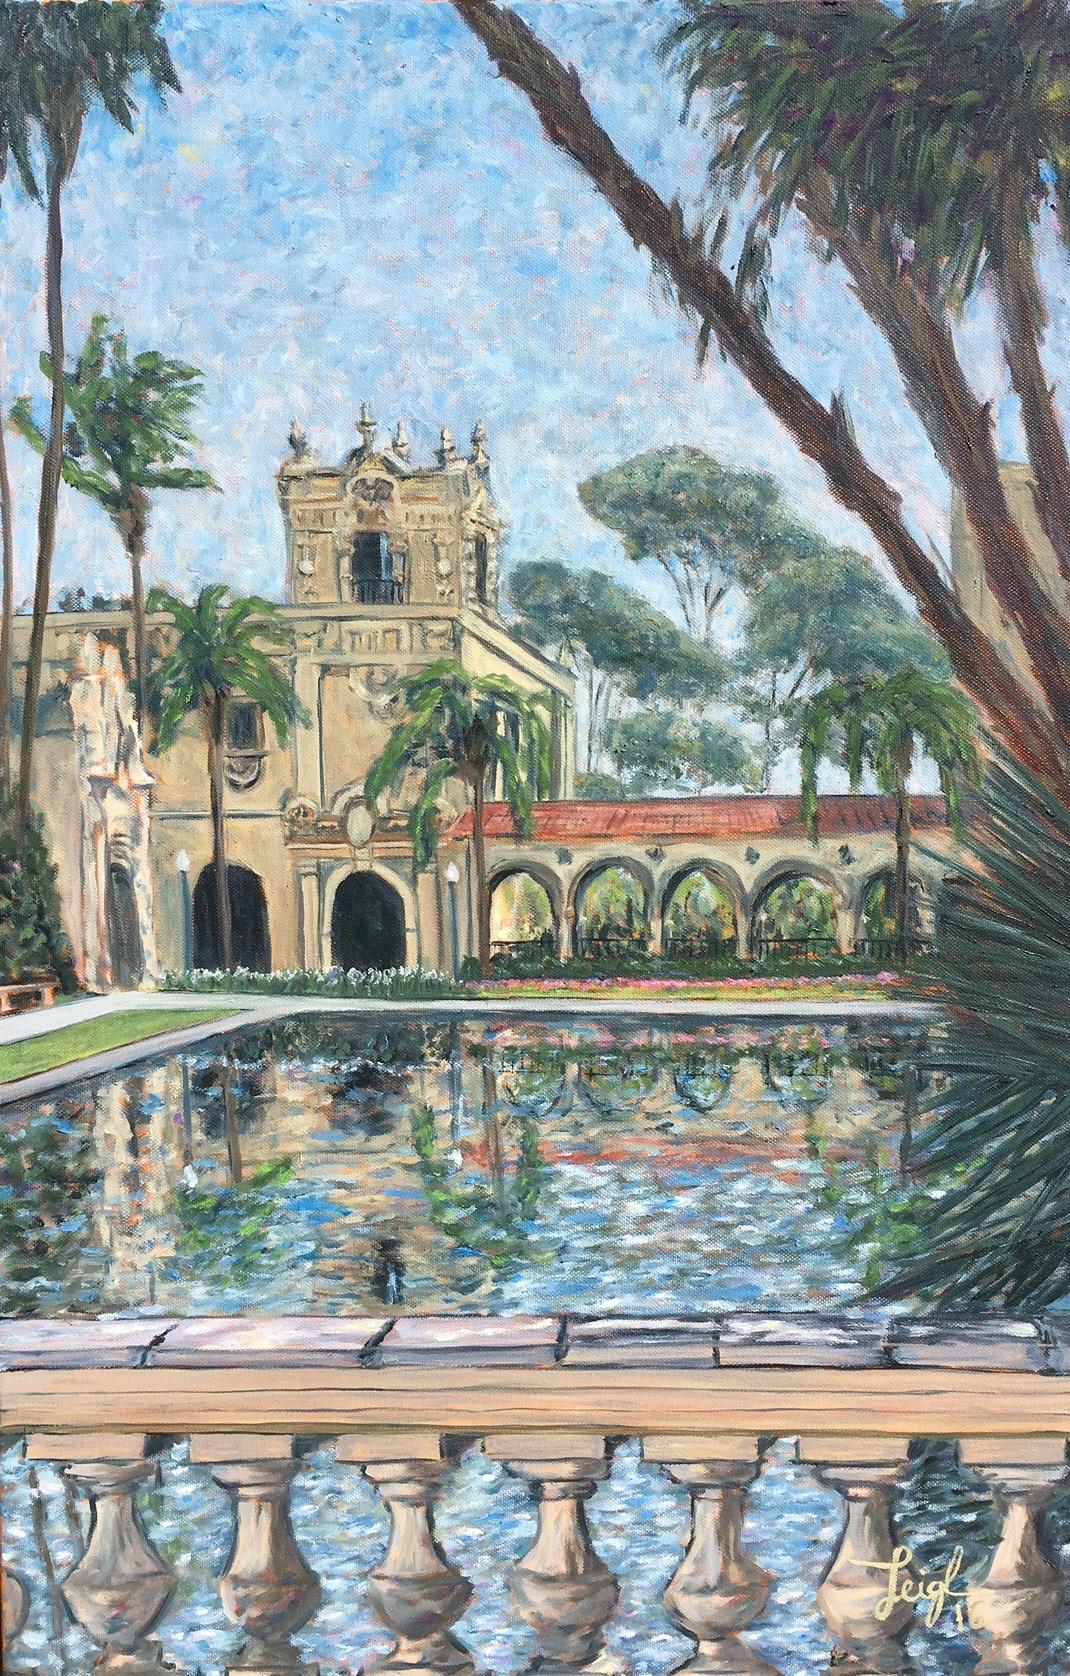 Casa Del Prado  ~   Steve Vargo, Vista, CA 2016 • 20 x 30